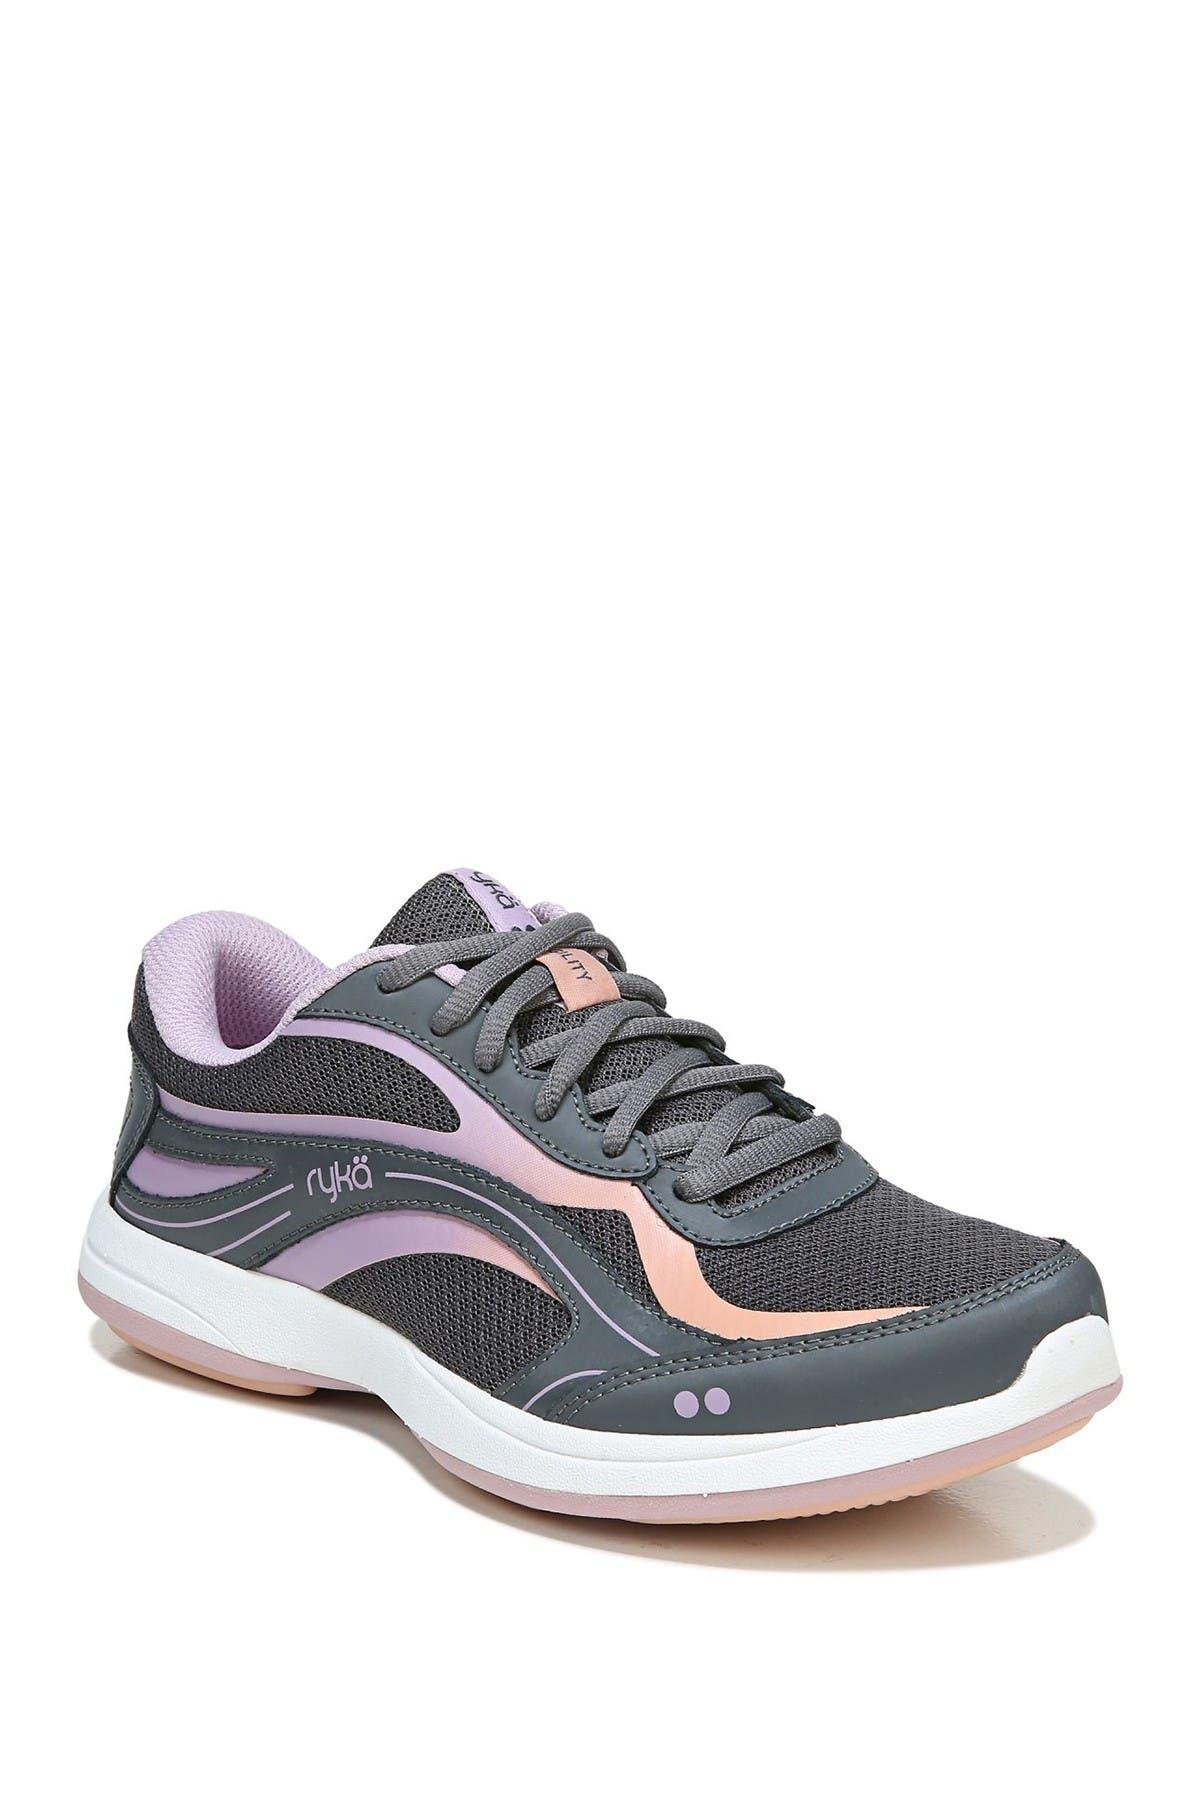 Image of Ryka Agility Walking Shoe